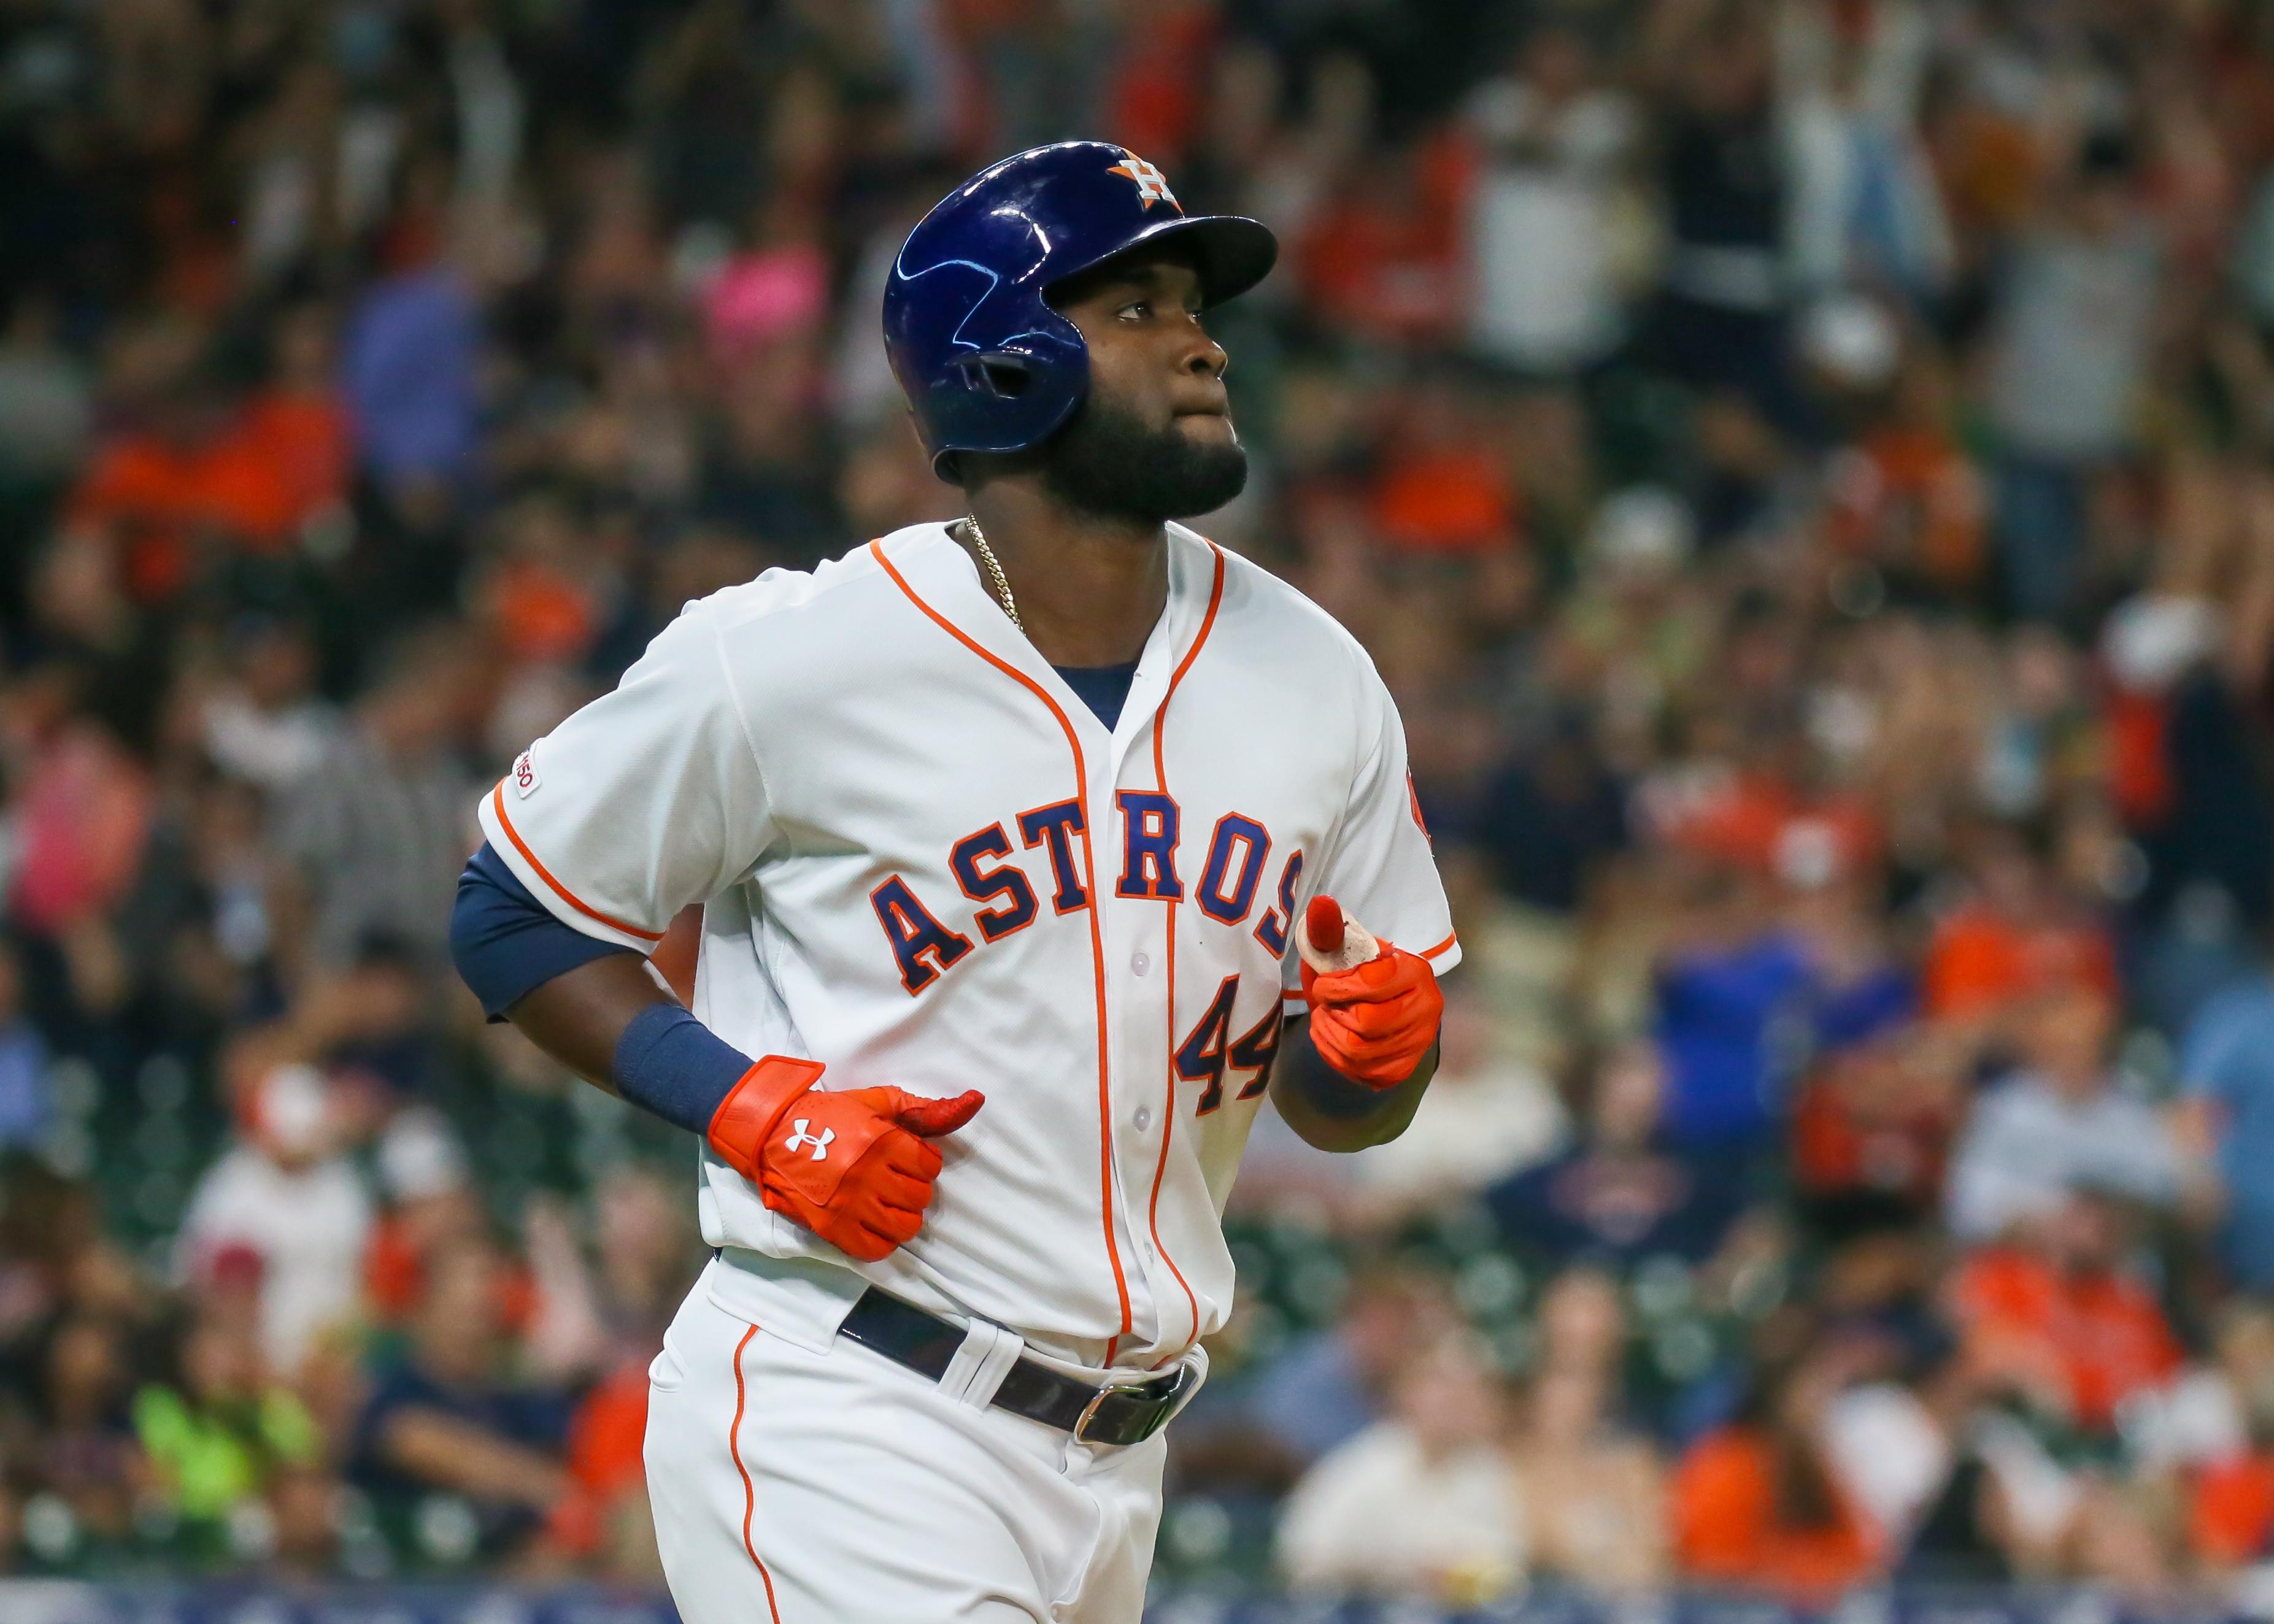 MLB: JUL 22 Athletics at Astros